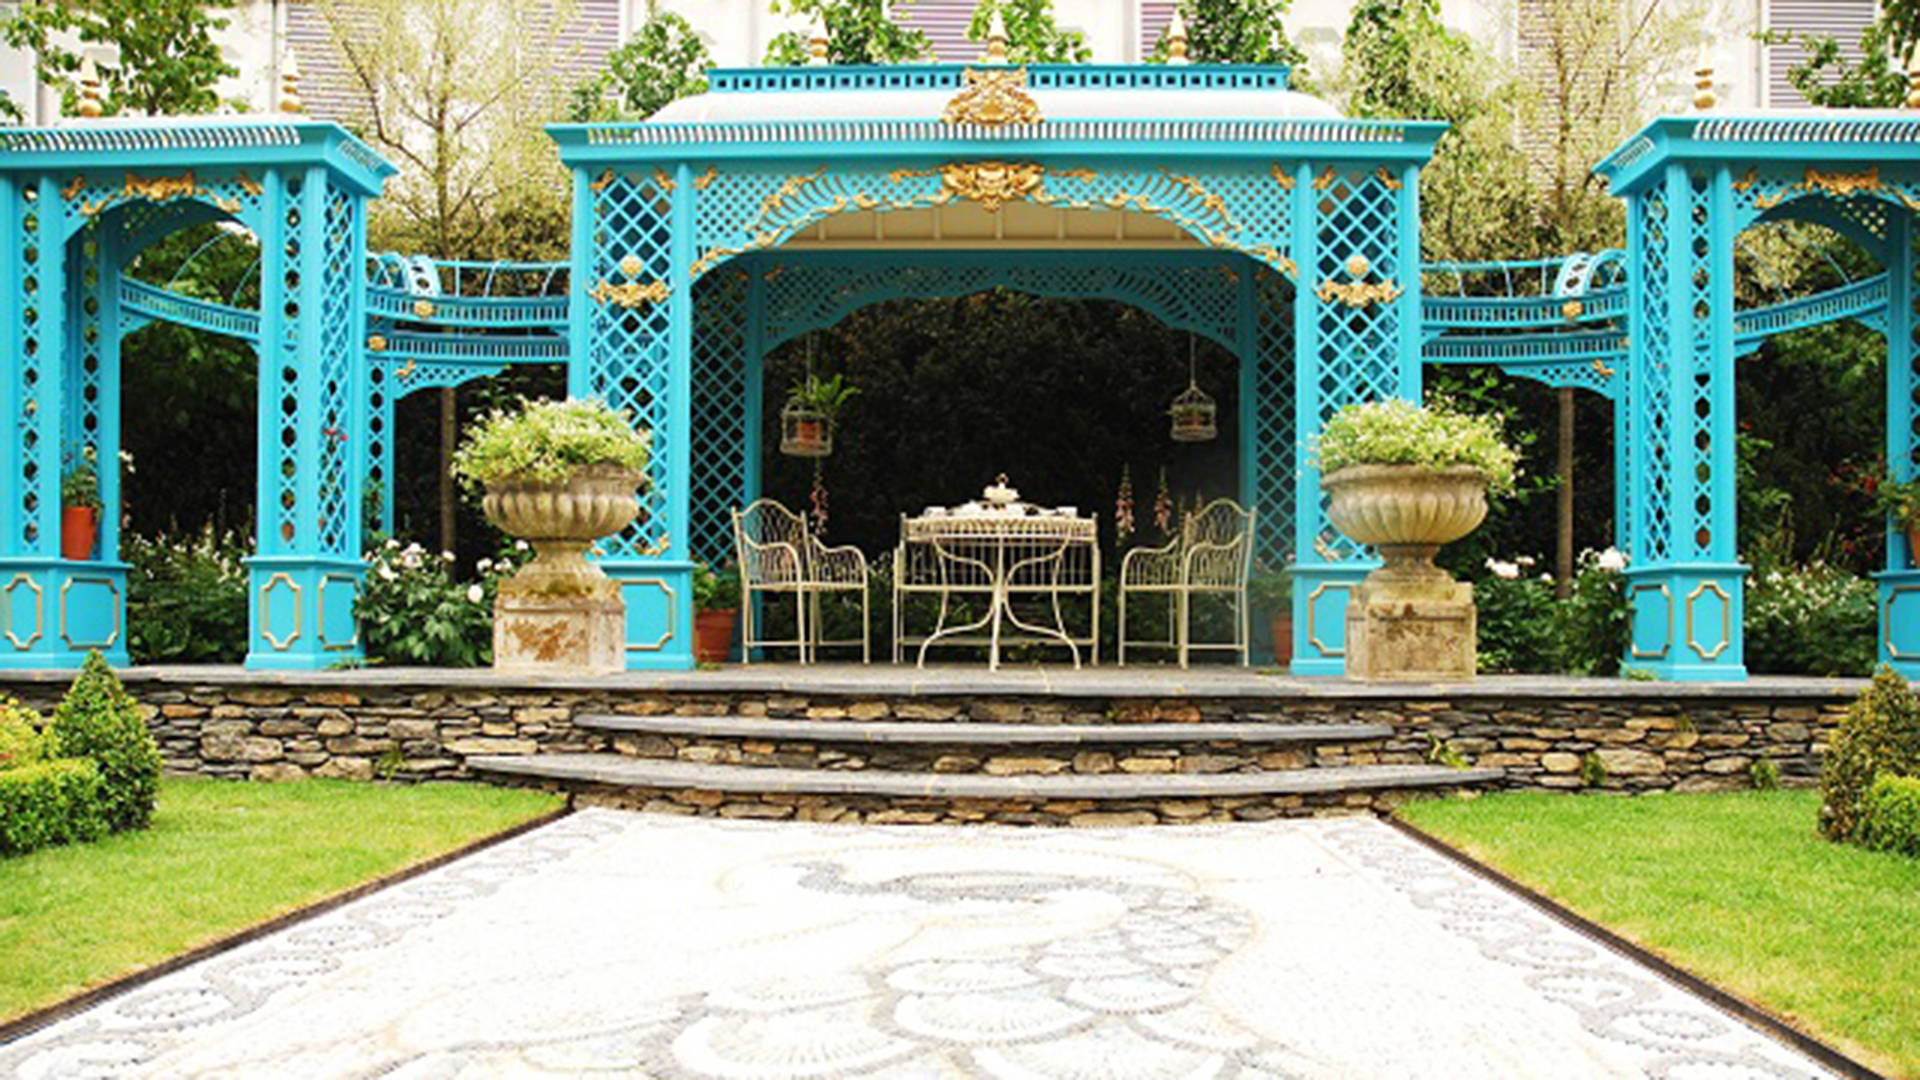 الحدائق في تشيلسي